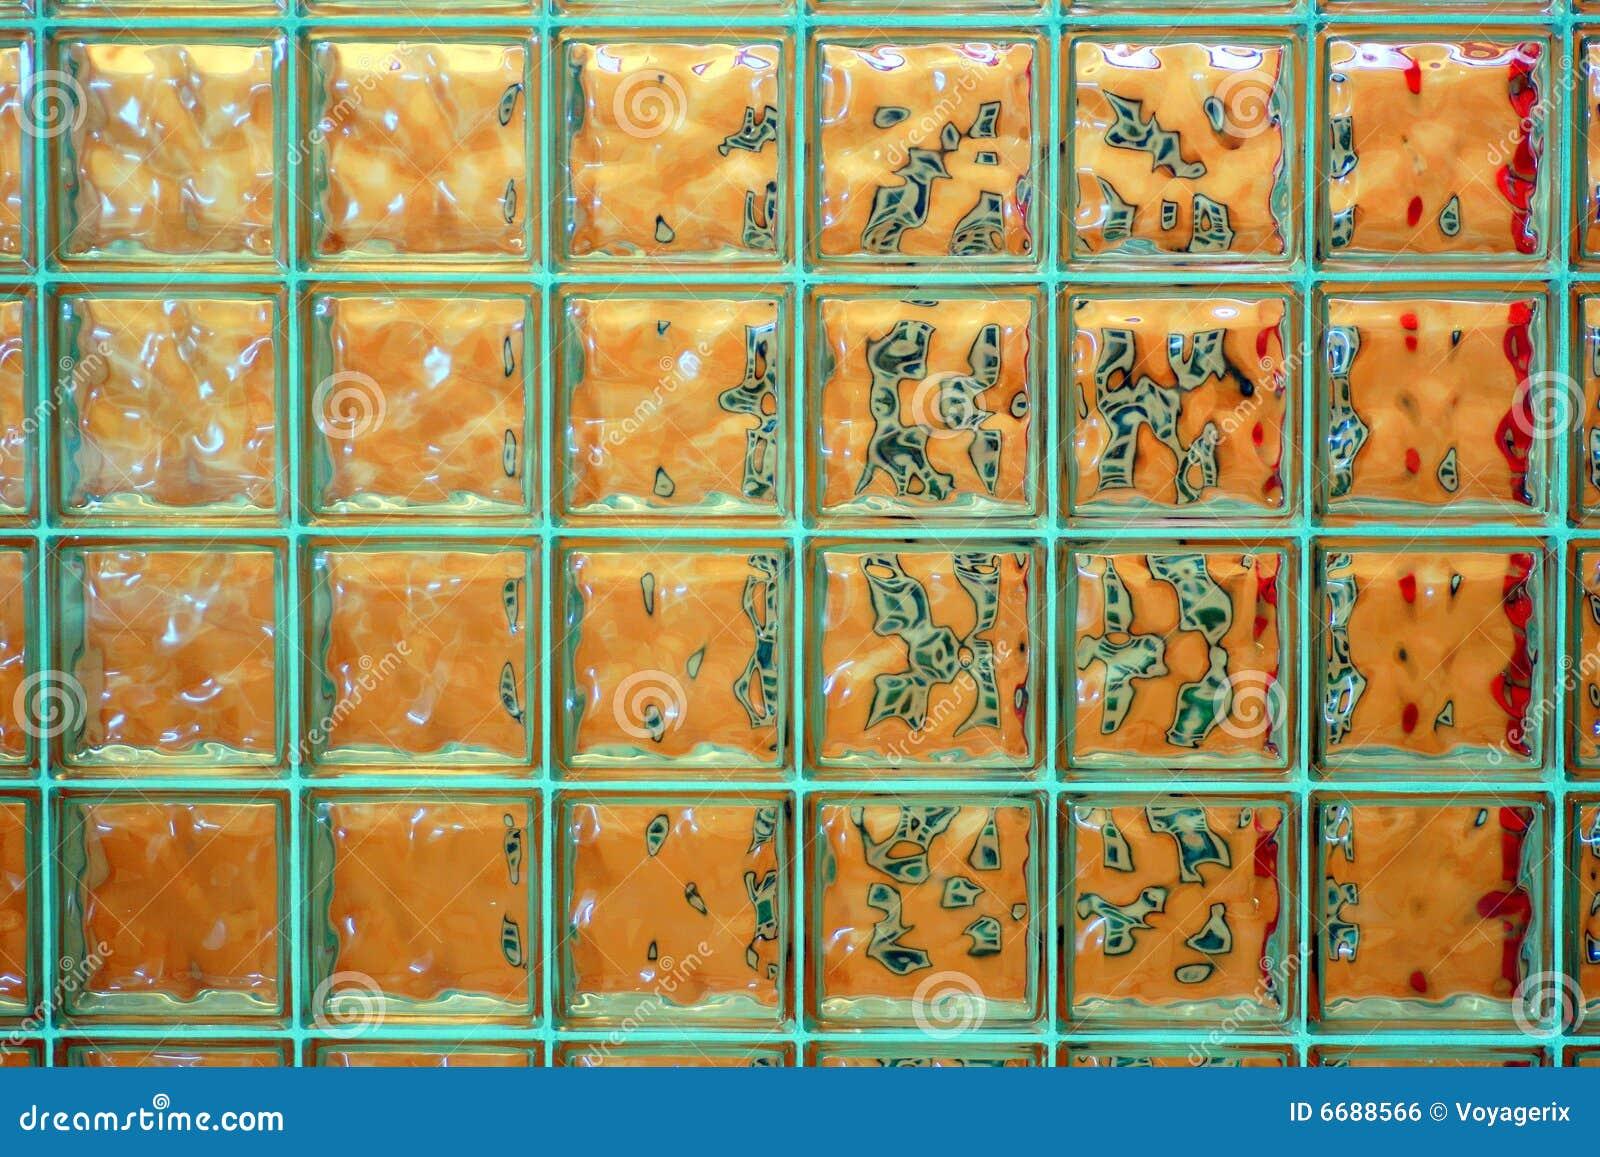 Brique en verre mur en verre tranlucent image libre de - Brique de verre couleur ...